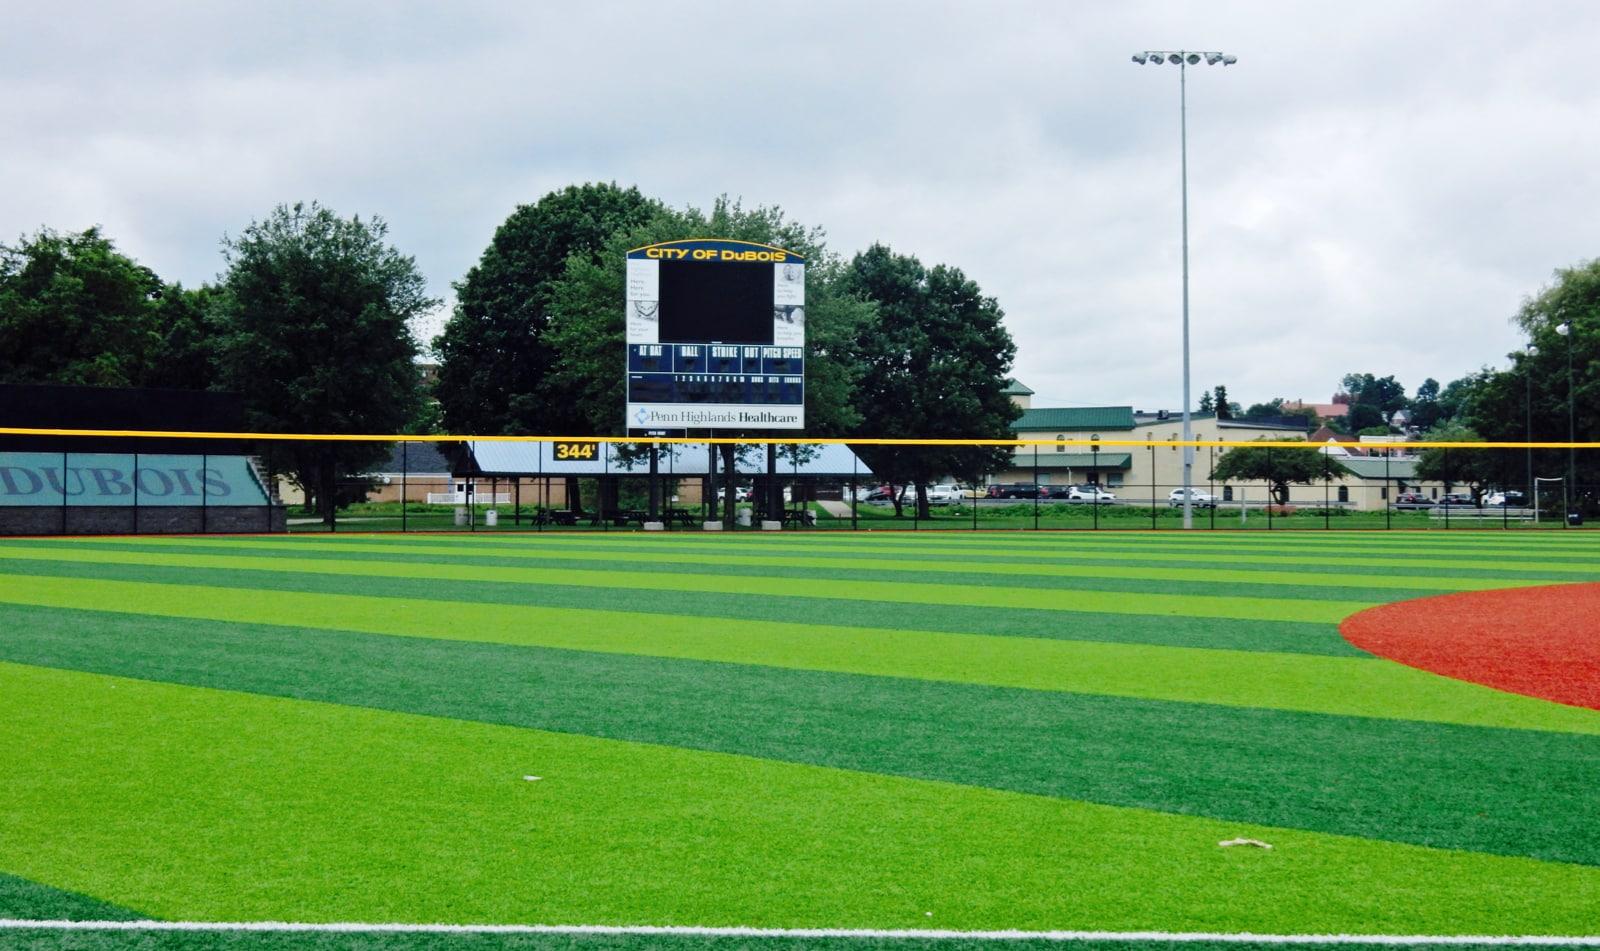 Sports Town, Dubois PA